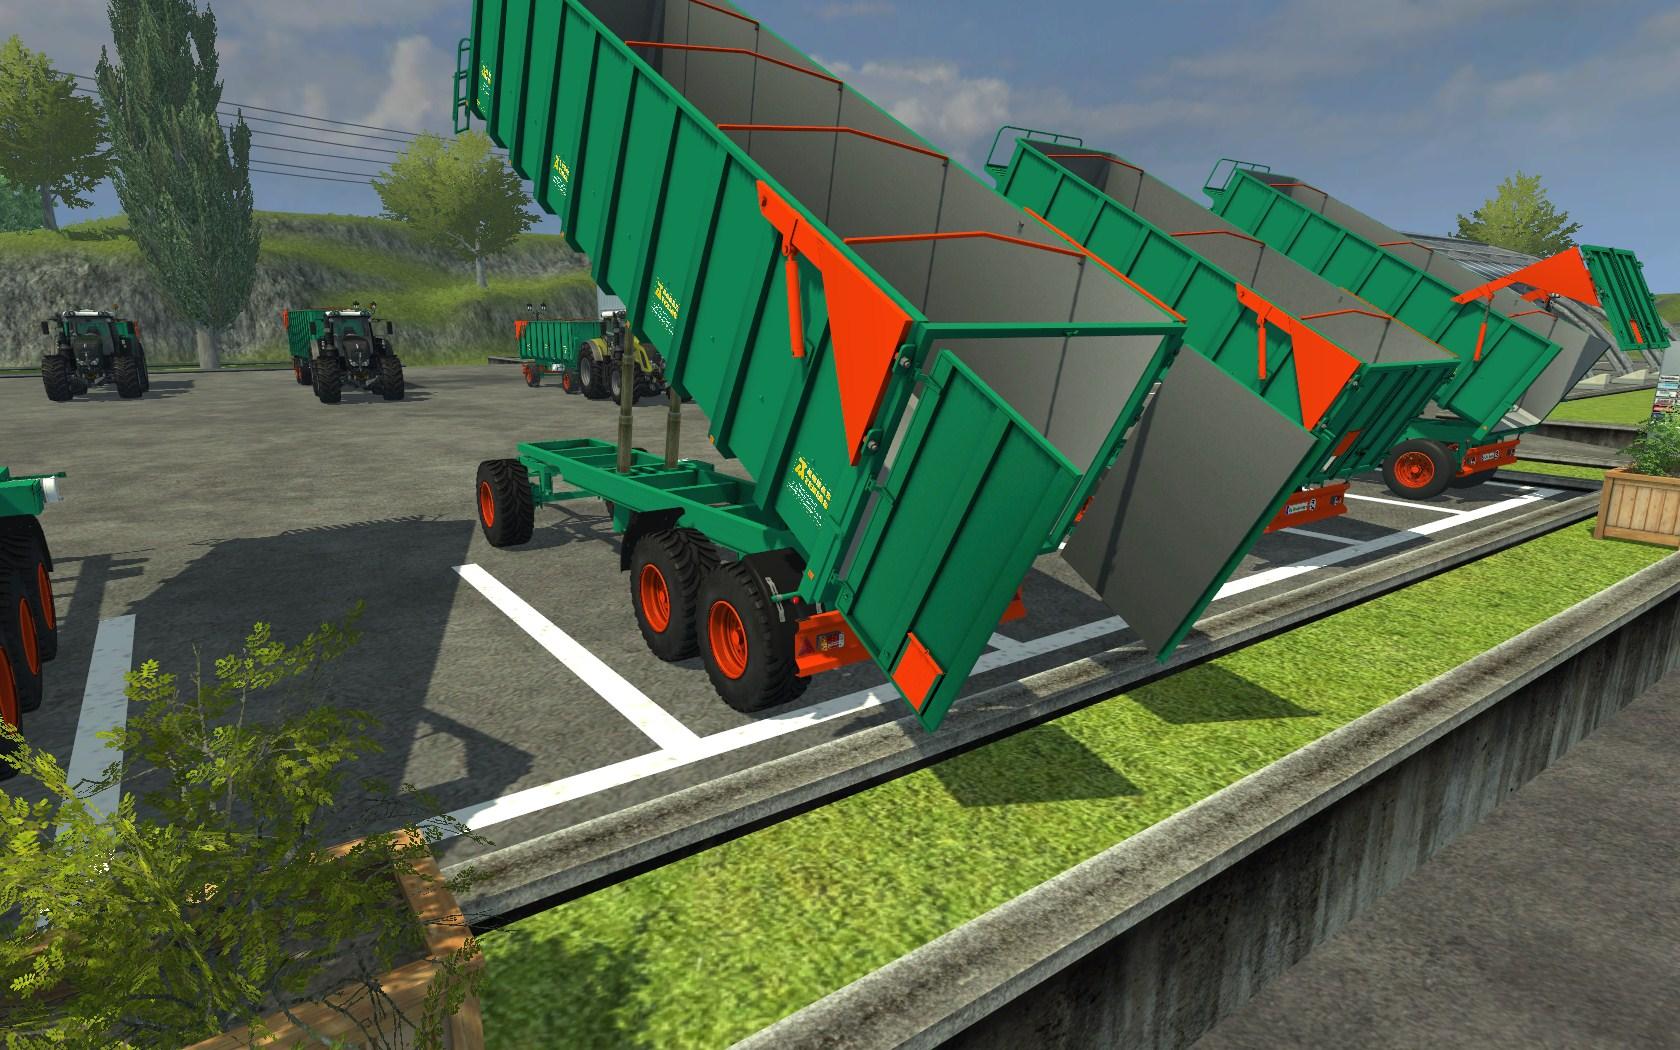 [Encuesta][T.E.P.] Proyecto Aguas Tenias (22 modelos + 1 Camión) [Terminado 21-4-2014]. - Página 3 Fsscreen_2014_01_01_1aosl0